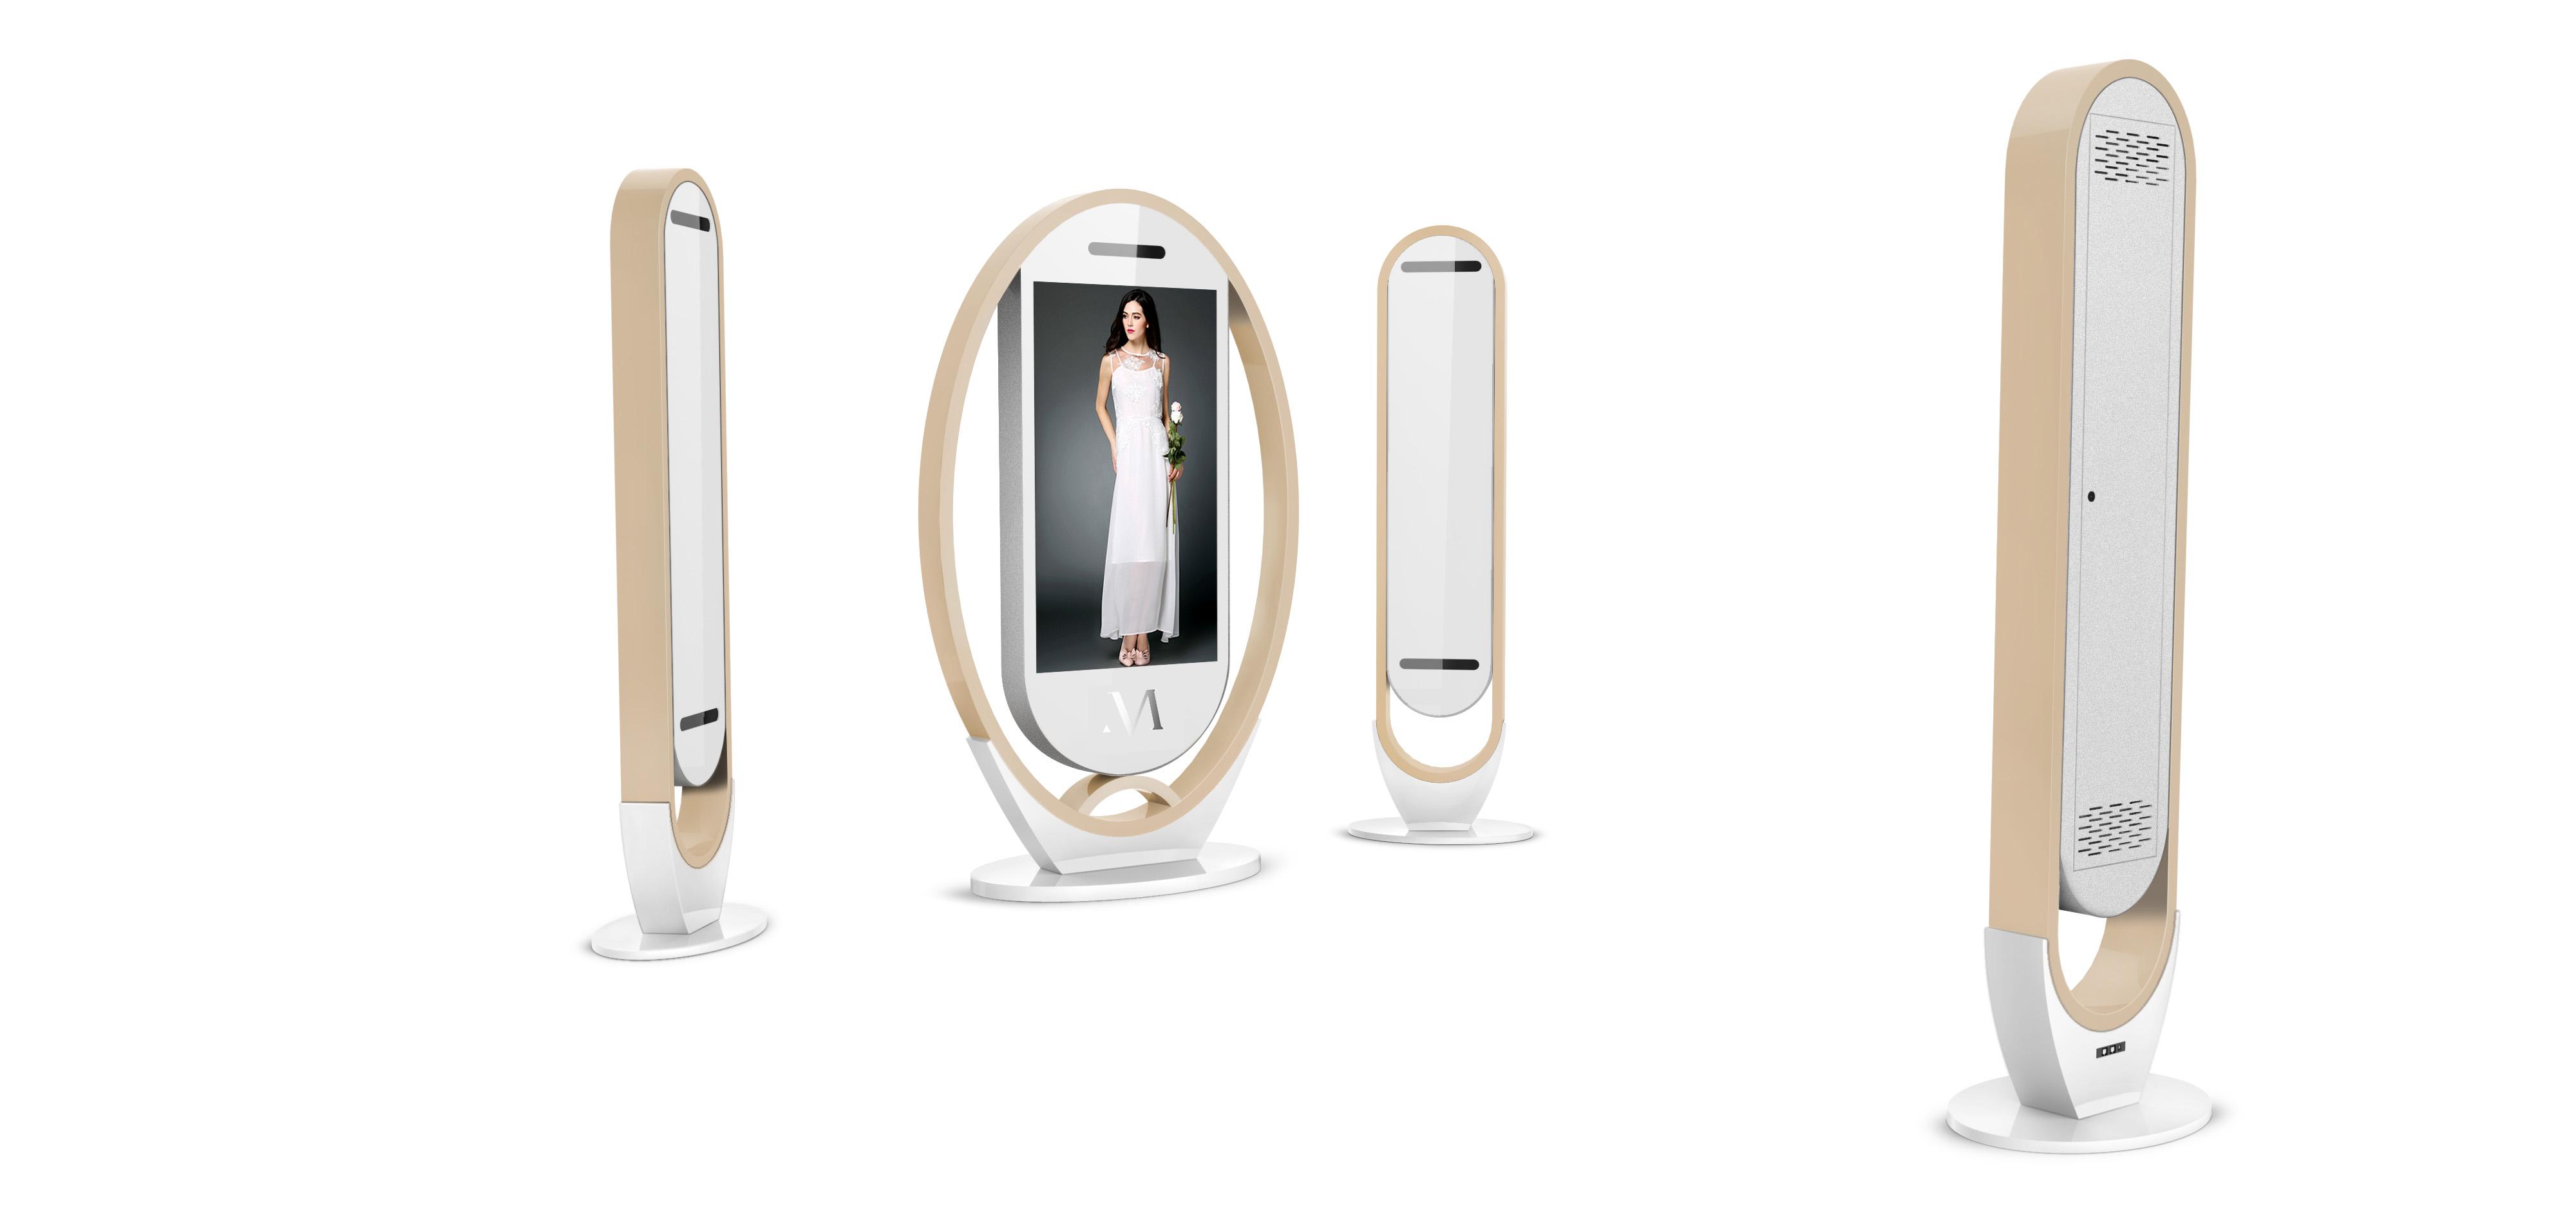 智能试衣镜1_产品设计-来设计